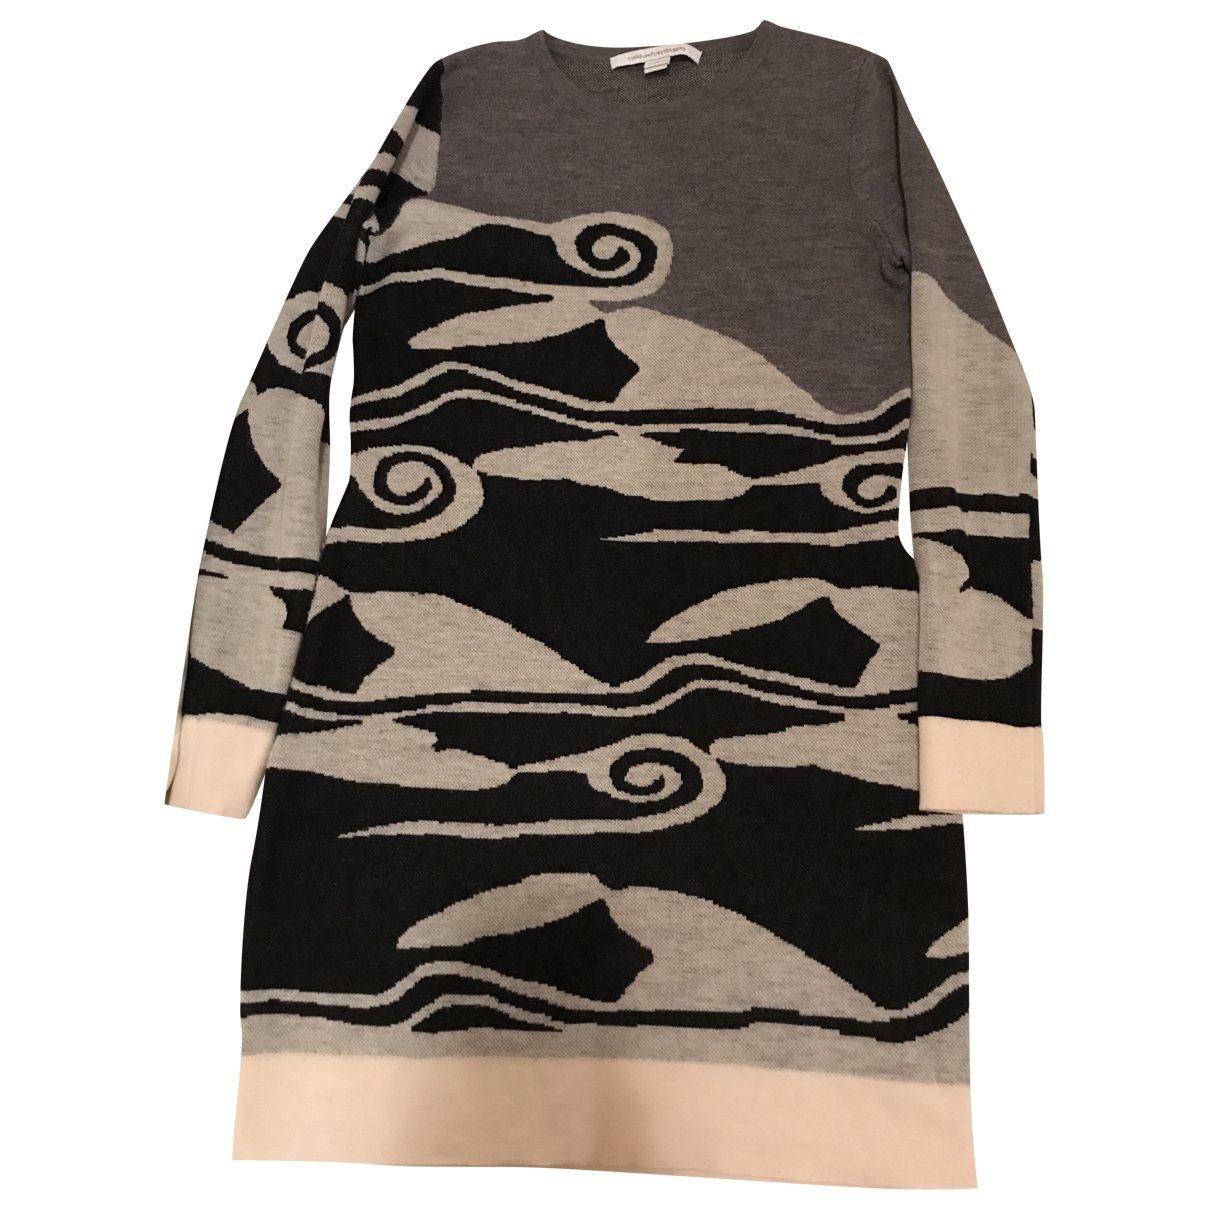 Diane Von Furstenberg \N Grey Wool dress for Women M International